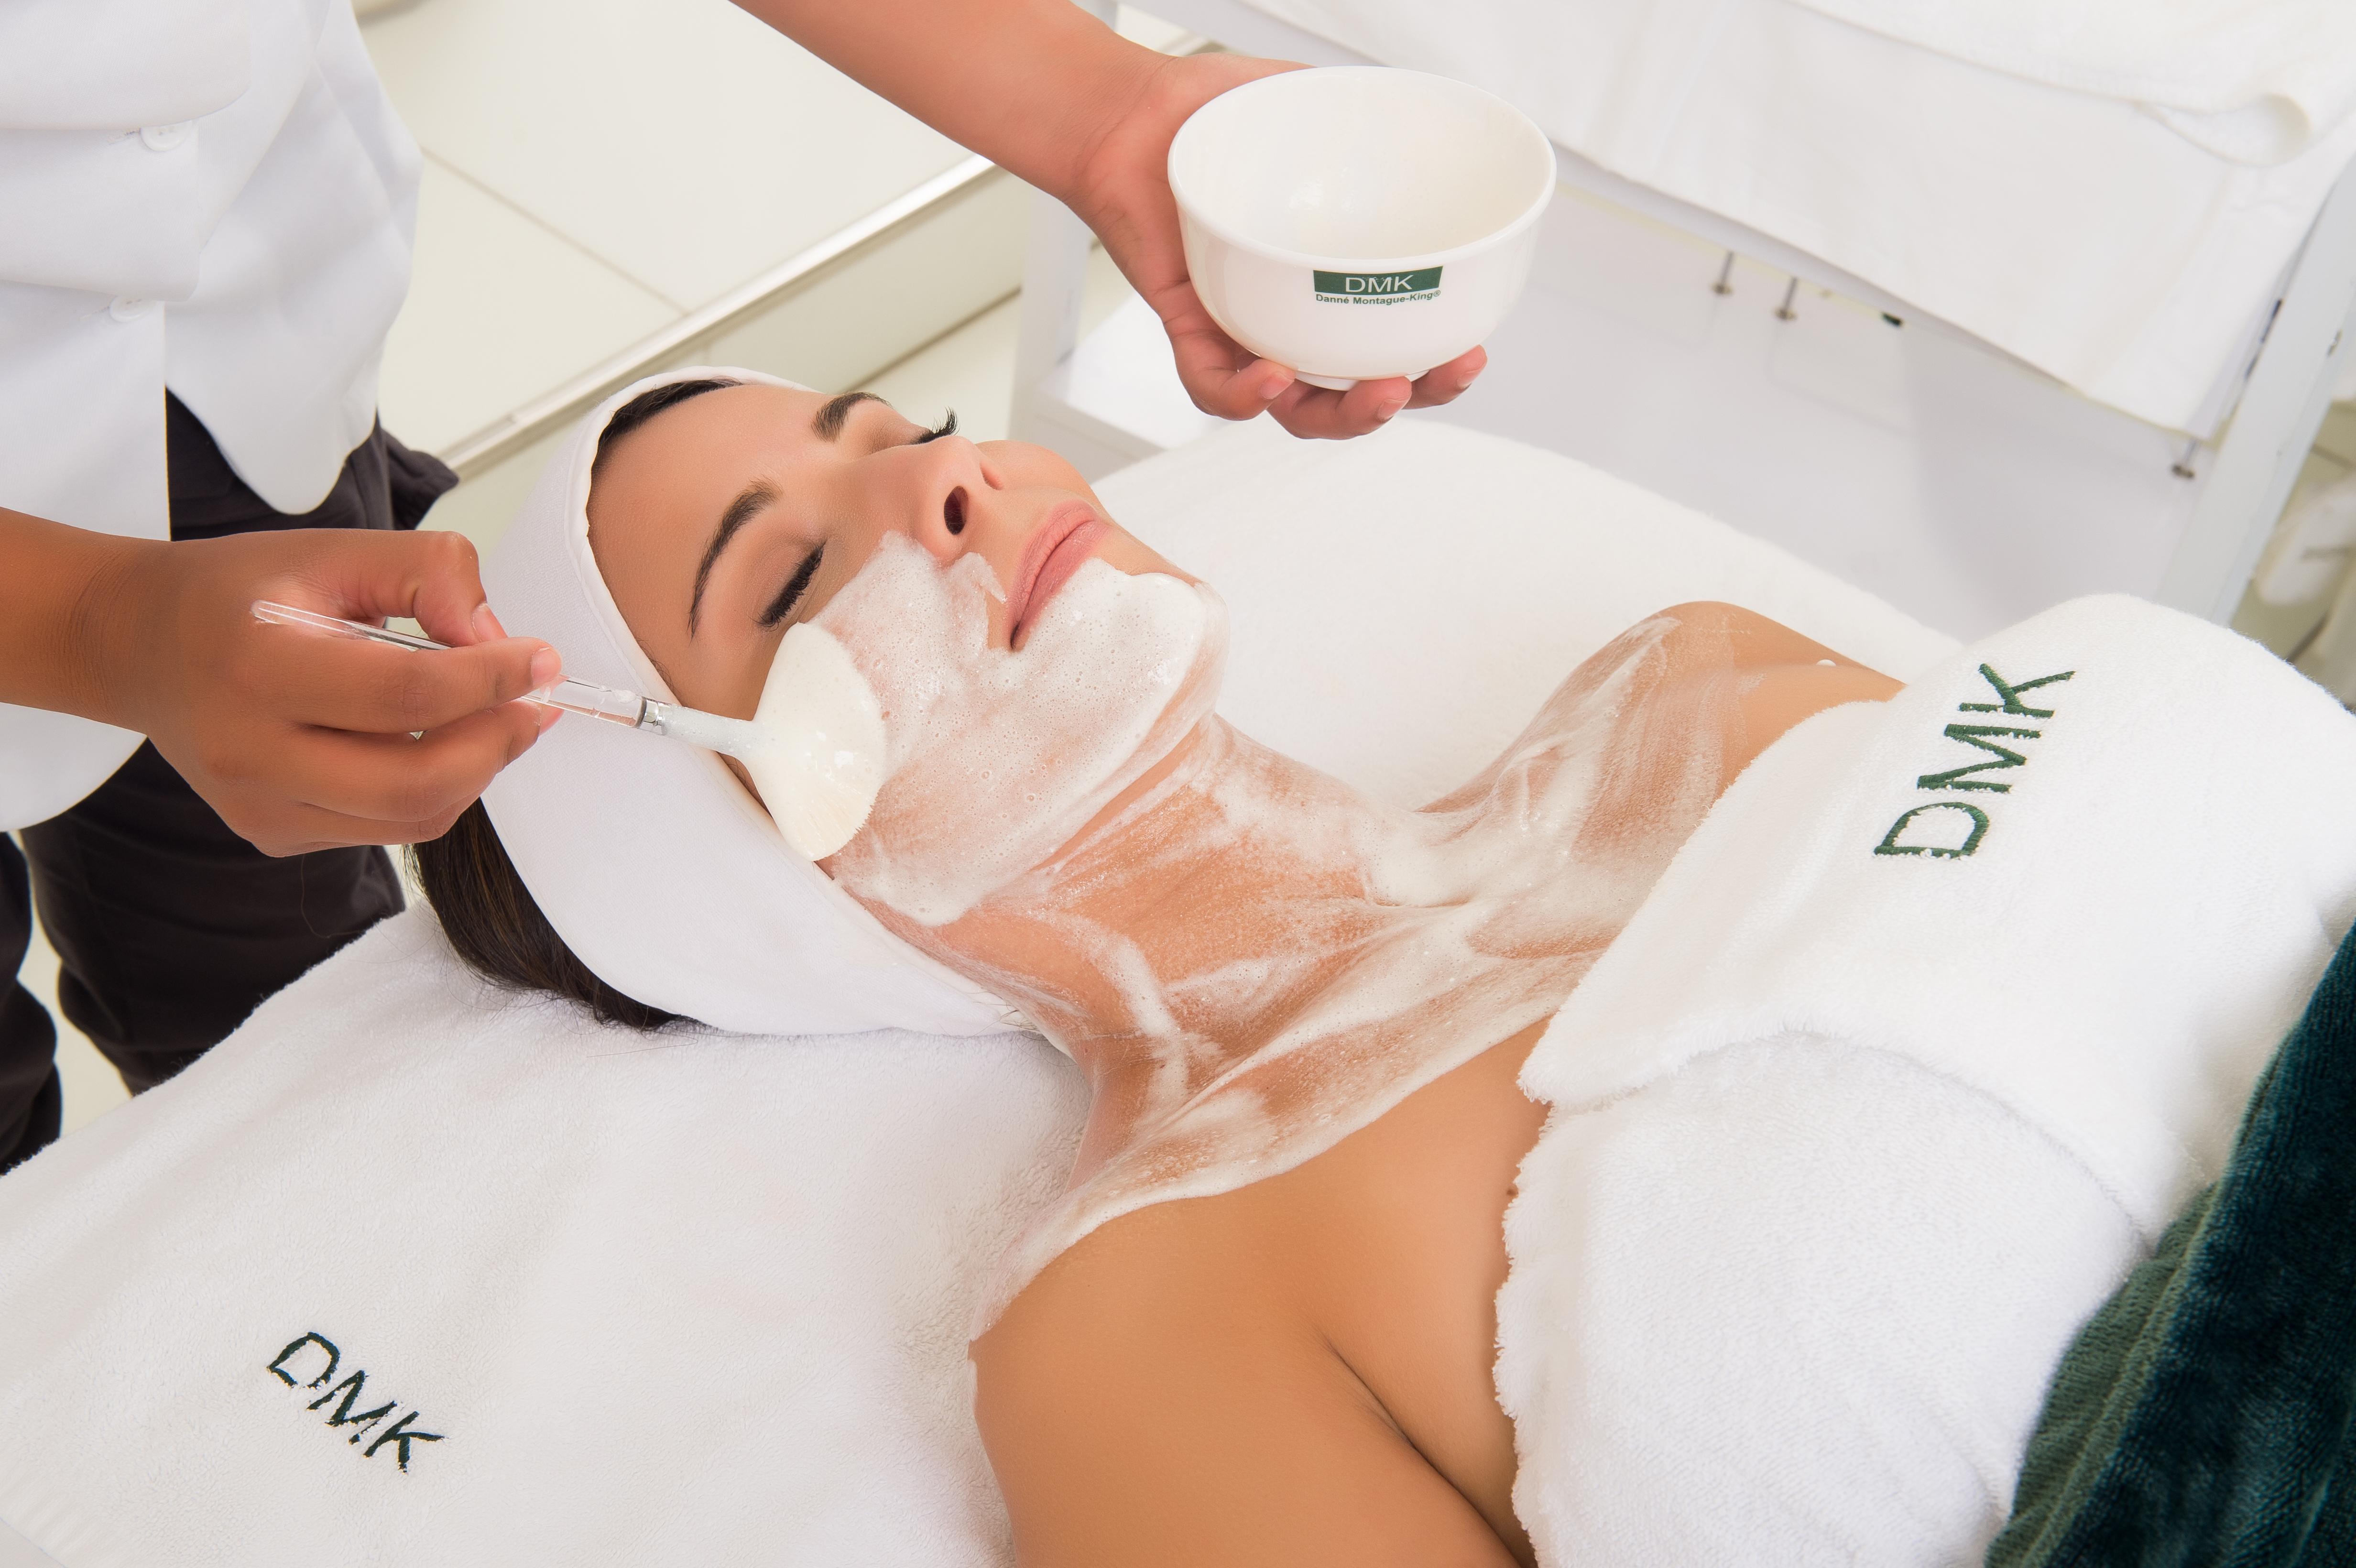 dmk skin care